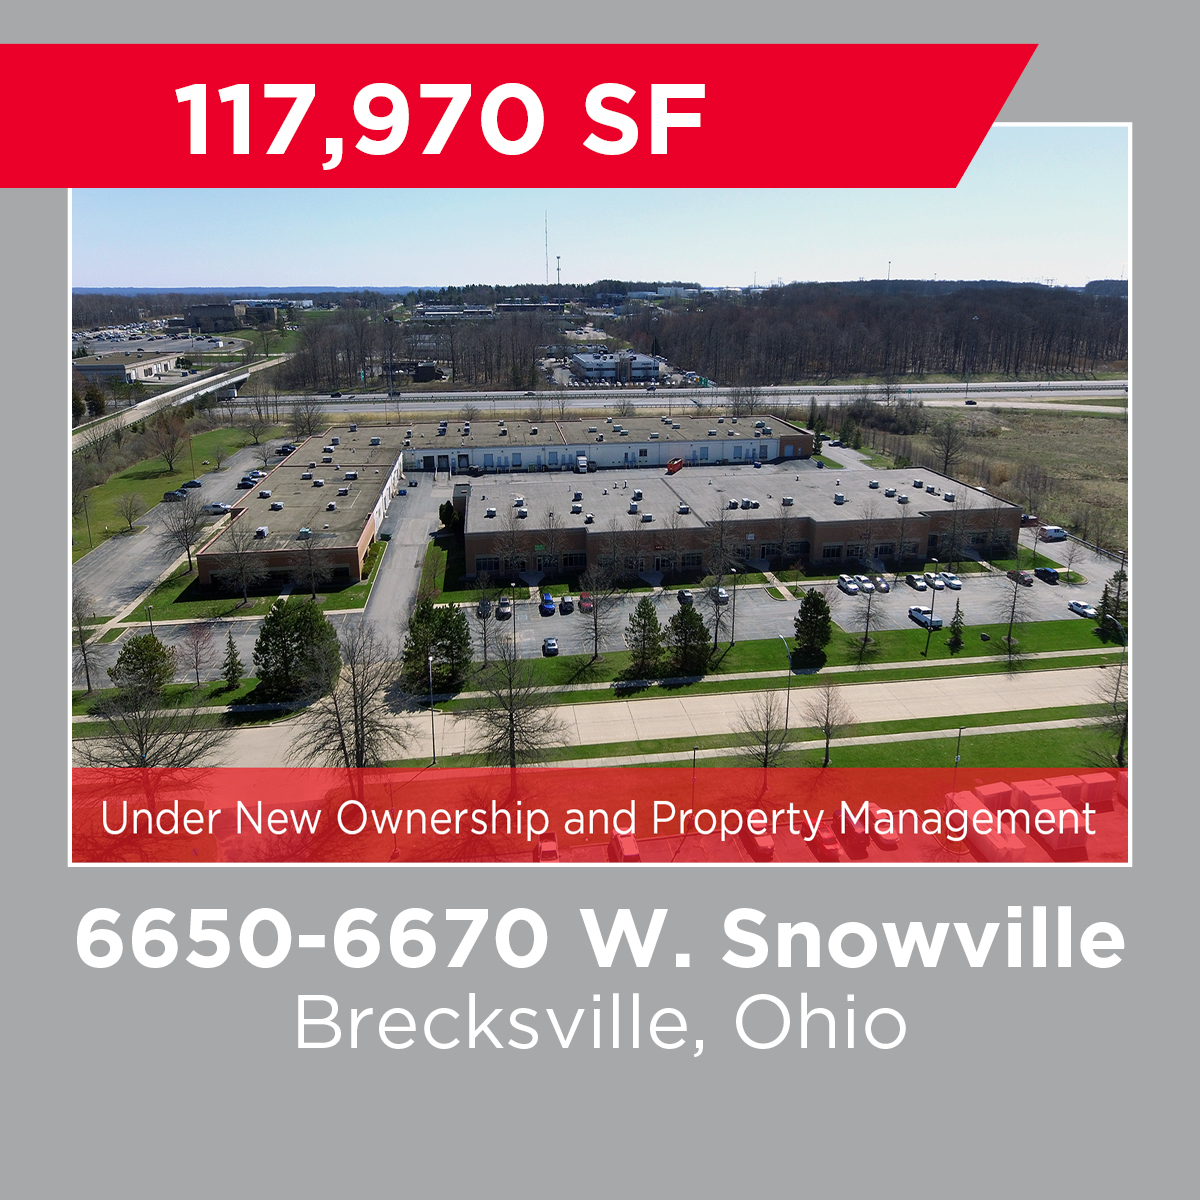 6650-6670 W Snowville.jpg